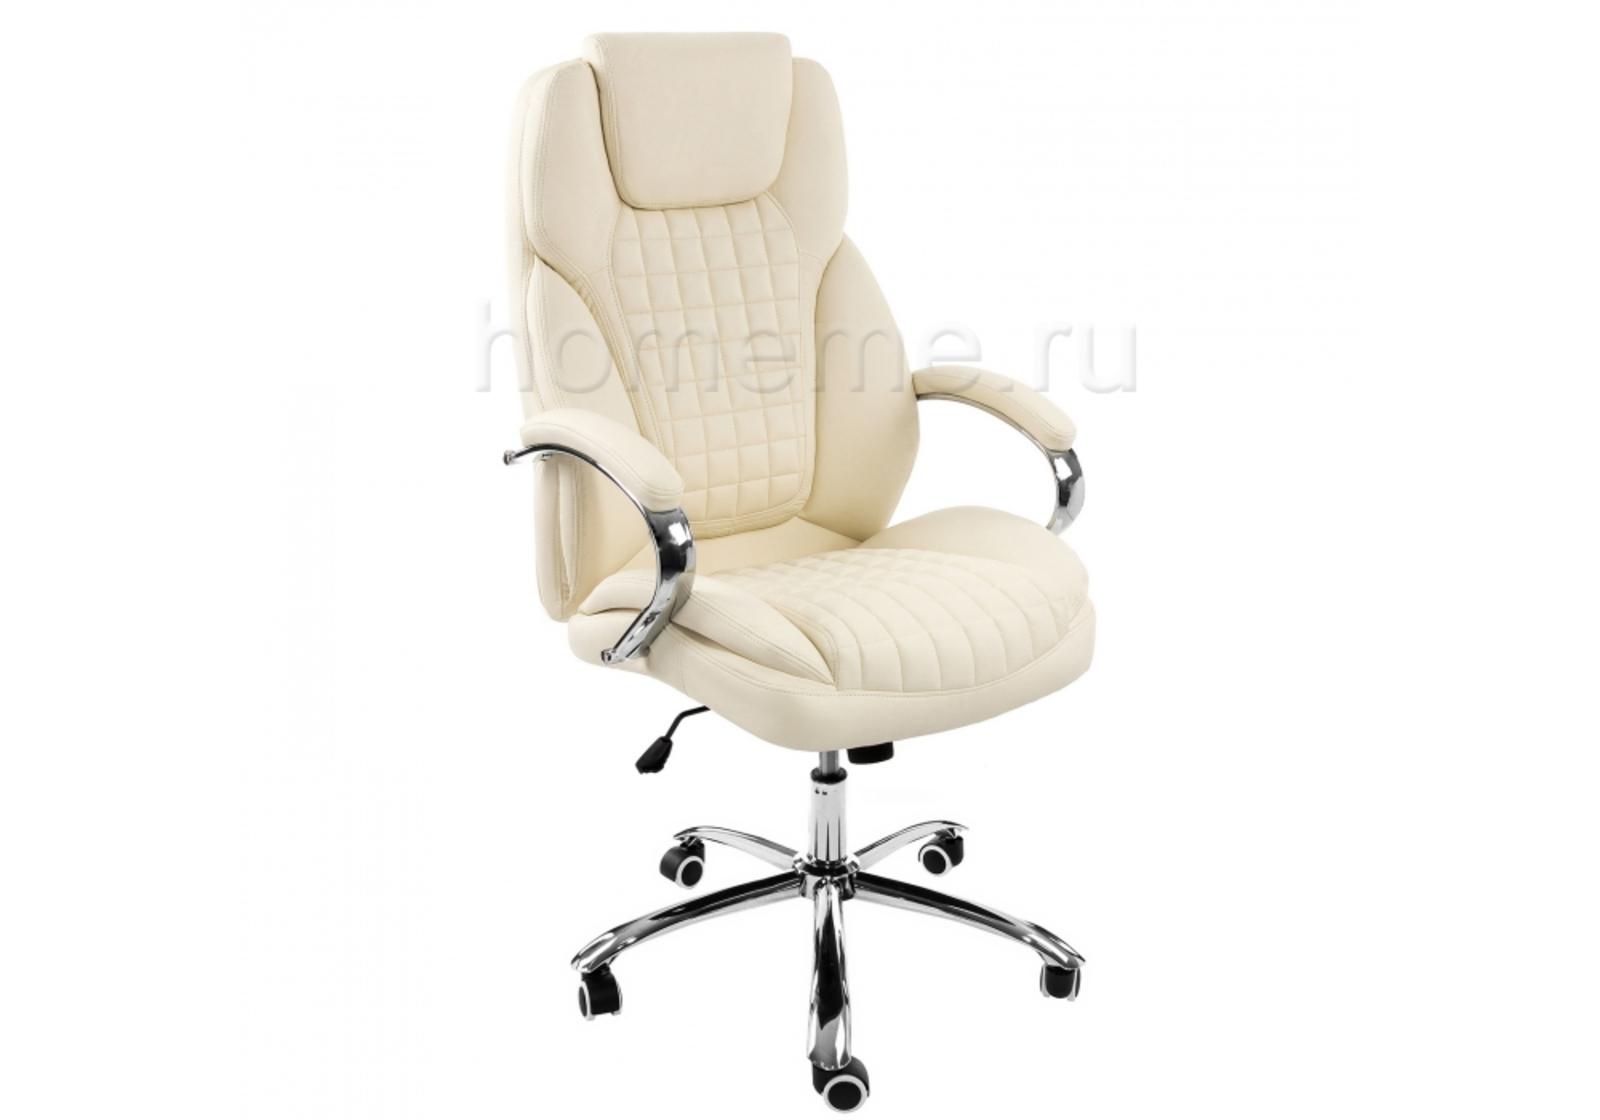 Кресло для офиса HomeMe Herd бежевое 1866 от Homeme.ru